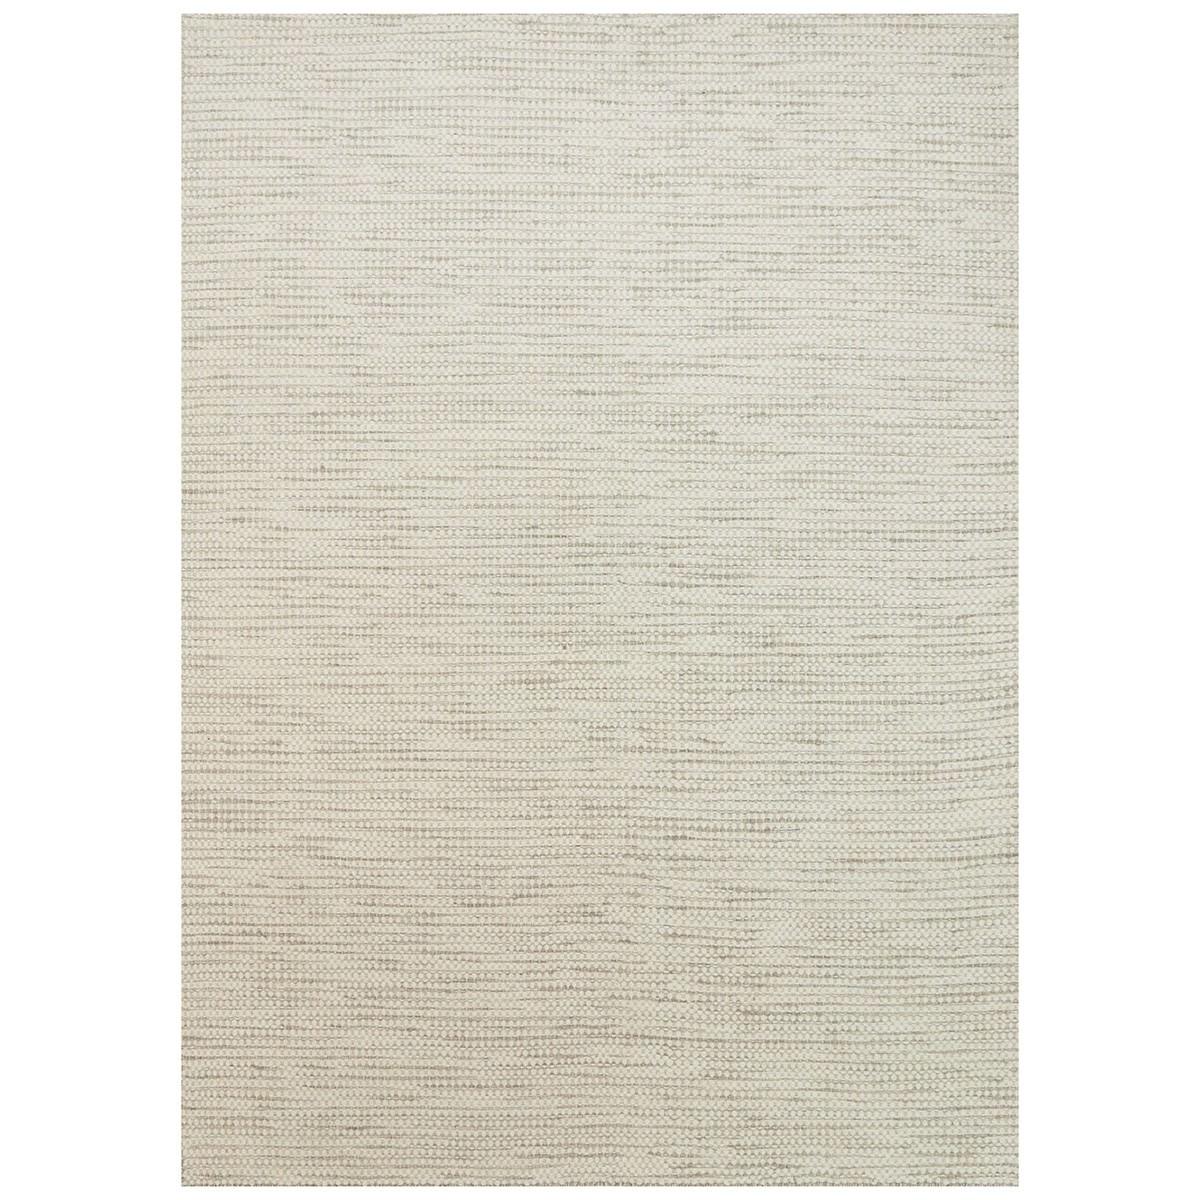 Scandi Reversible Wool Rug, 300x400cm, Beige